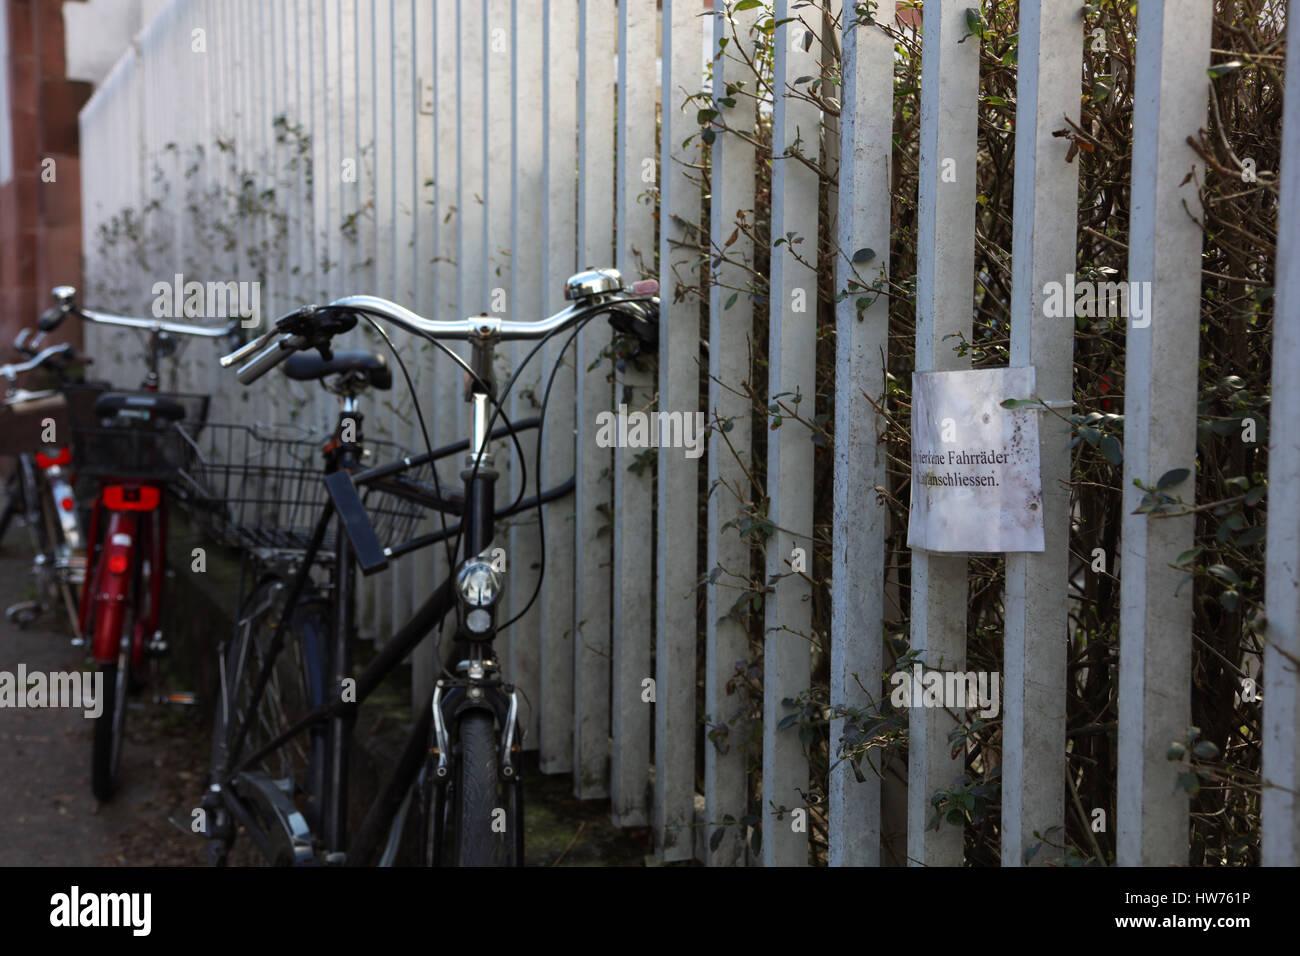 Fahrrad am Zaun abgeschlossen Stock Photo